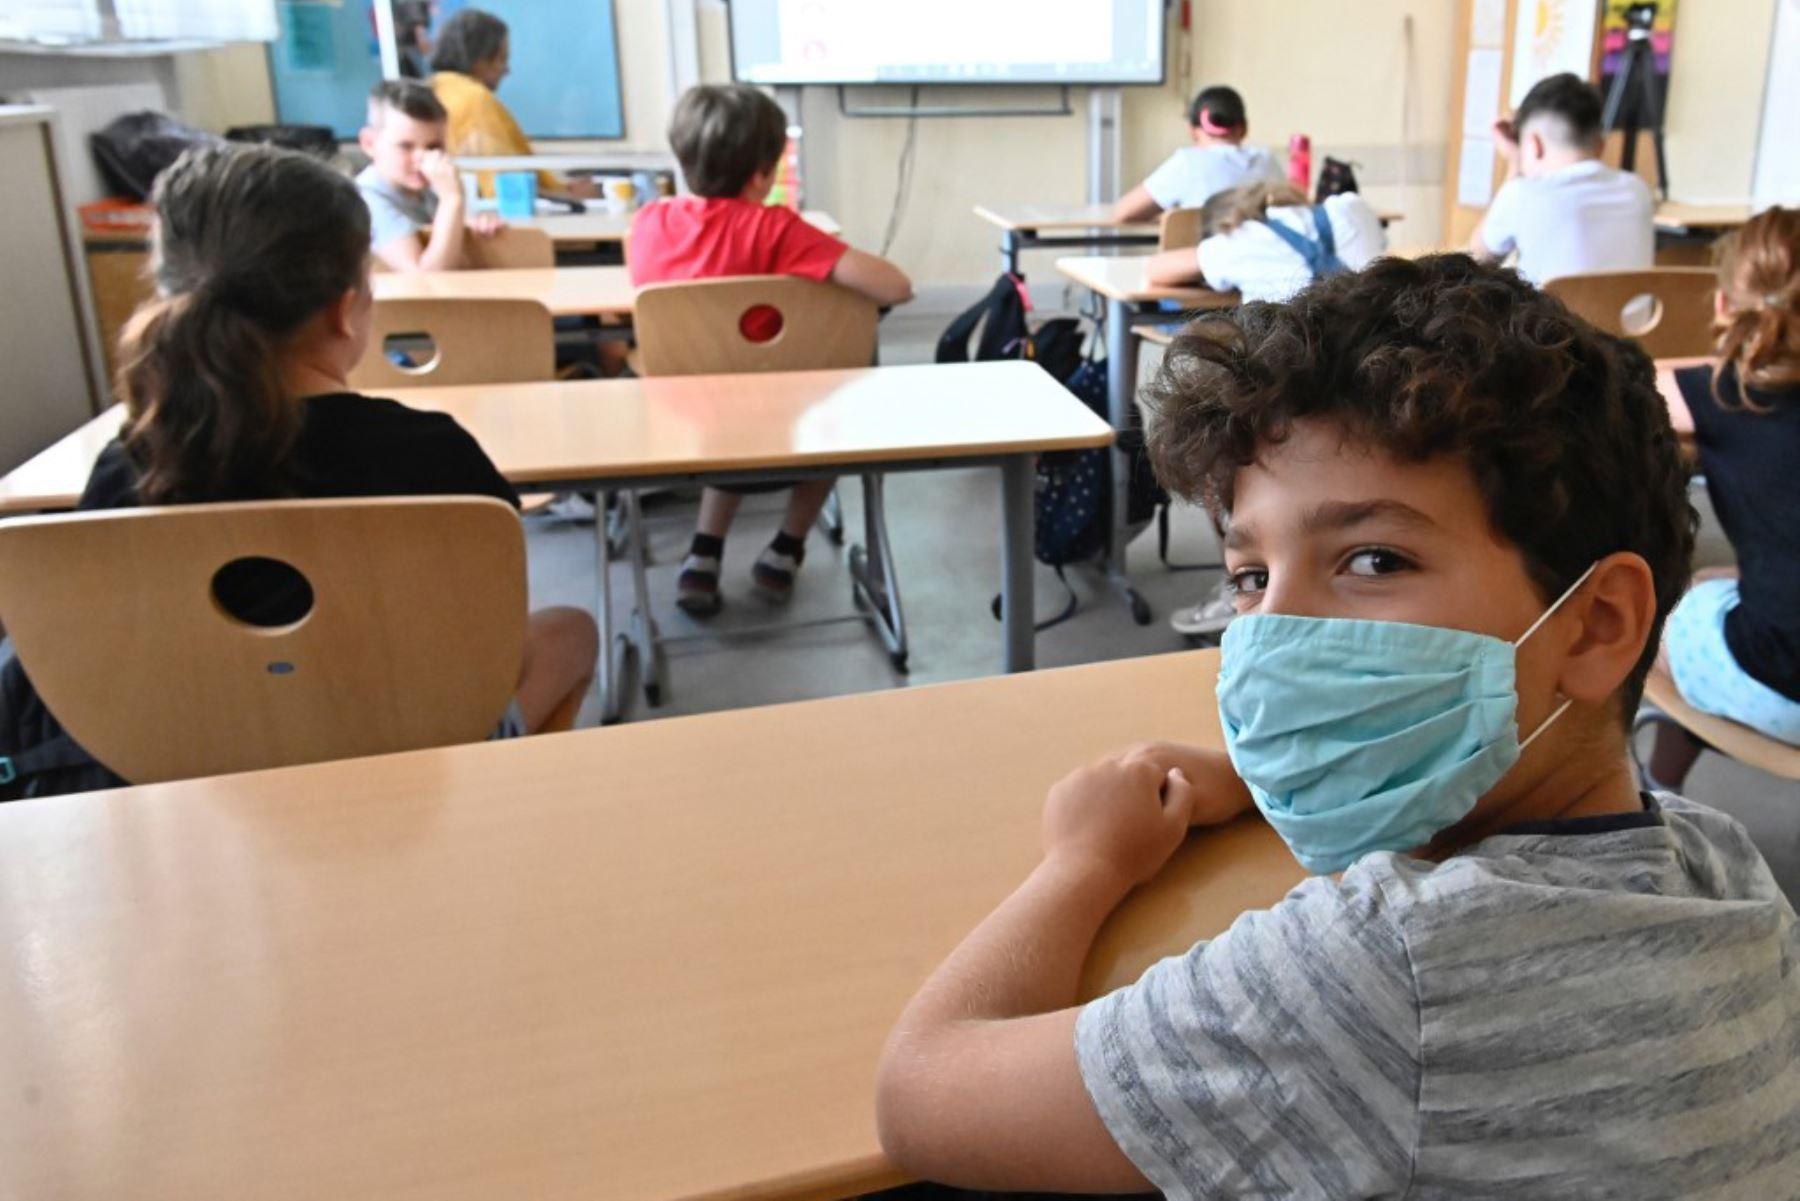 Un estudiante lleva una máscara protectora en su clase de escuela primaria Carl Orff en el oeste de Berlín. Las clases se reanudaron después de las vacaciones de verano en Berlín y varios otros estados alemanes en medio de una pandemia de covid-19.   Foto: AFP